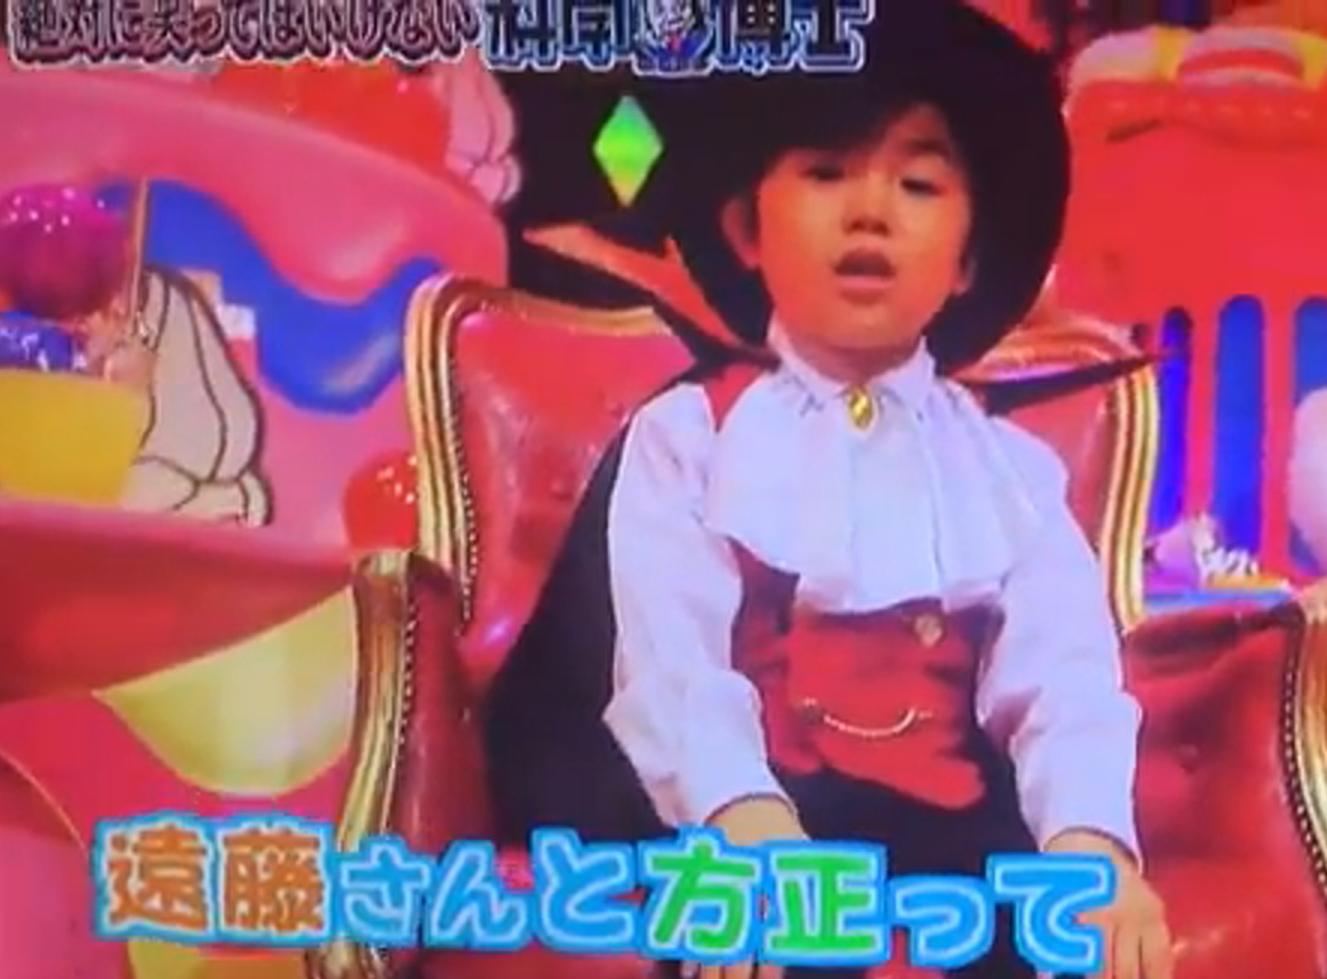 2016-2017年のガキの使いやあらへんで「笑ってはいけない科学博士24時!」小悪魔的な役を演じる寺田心くん